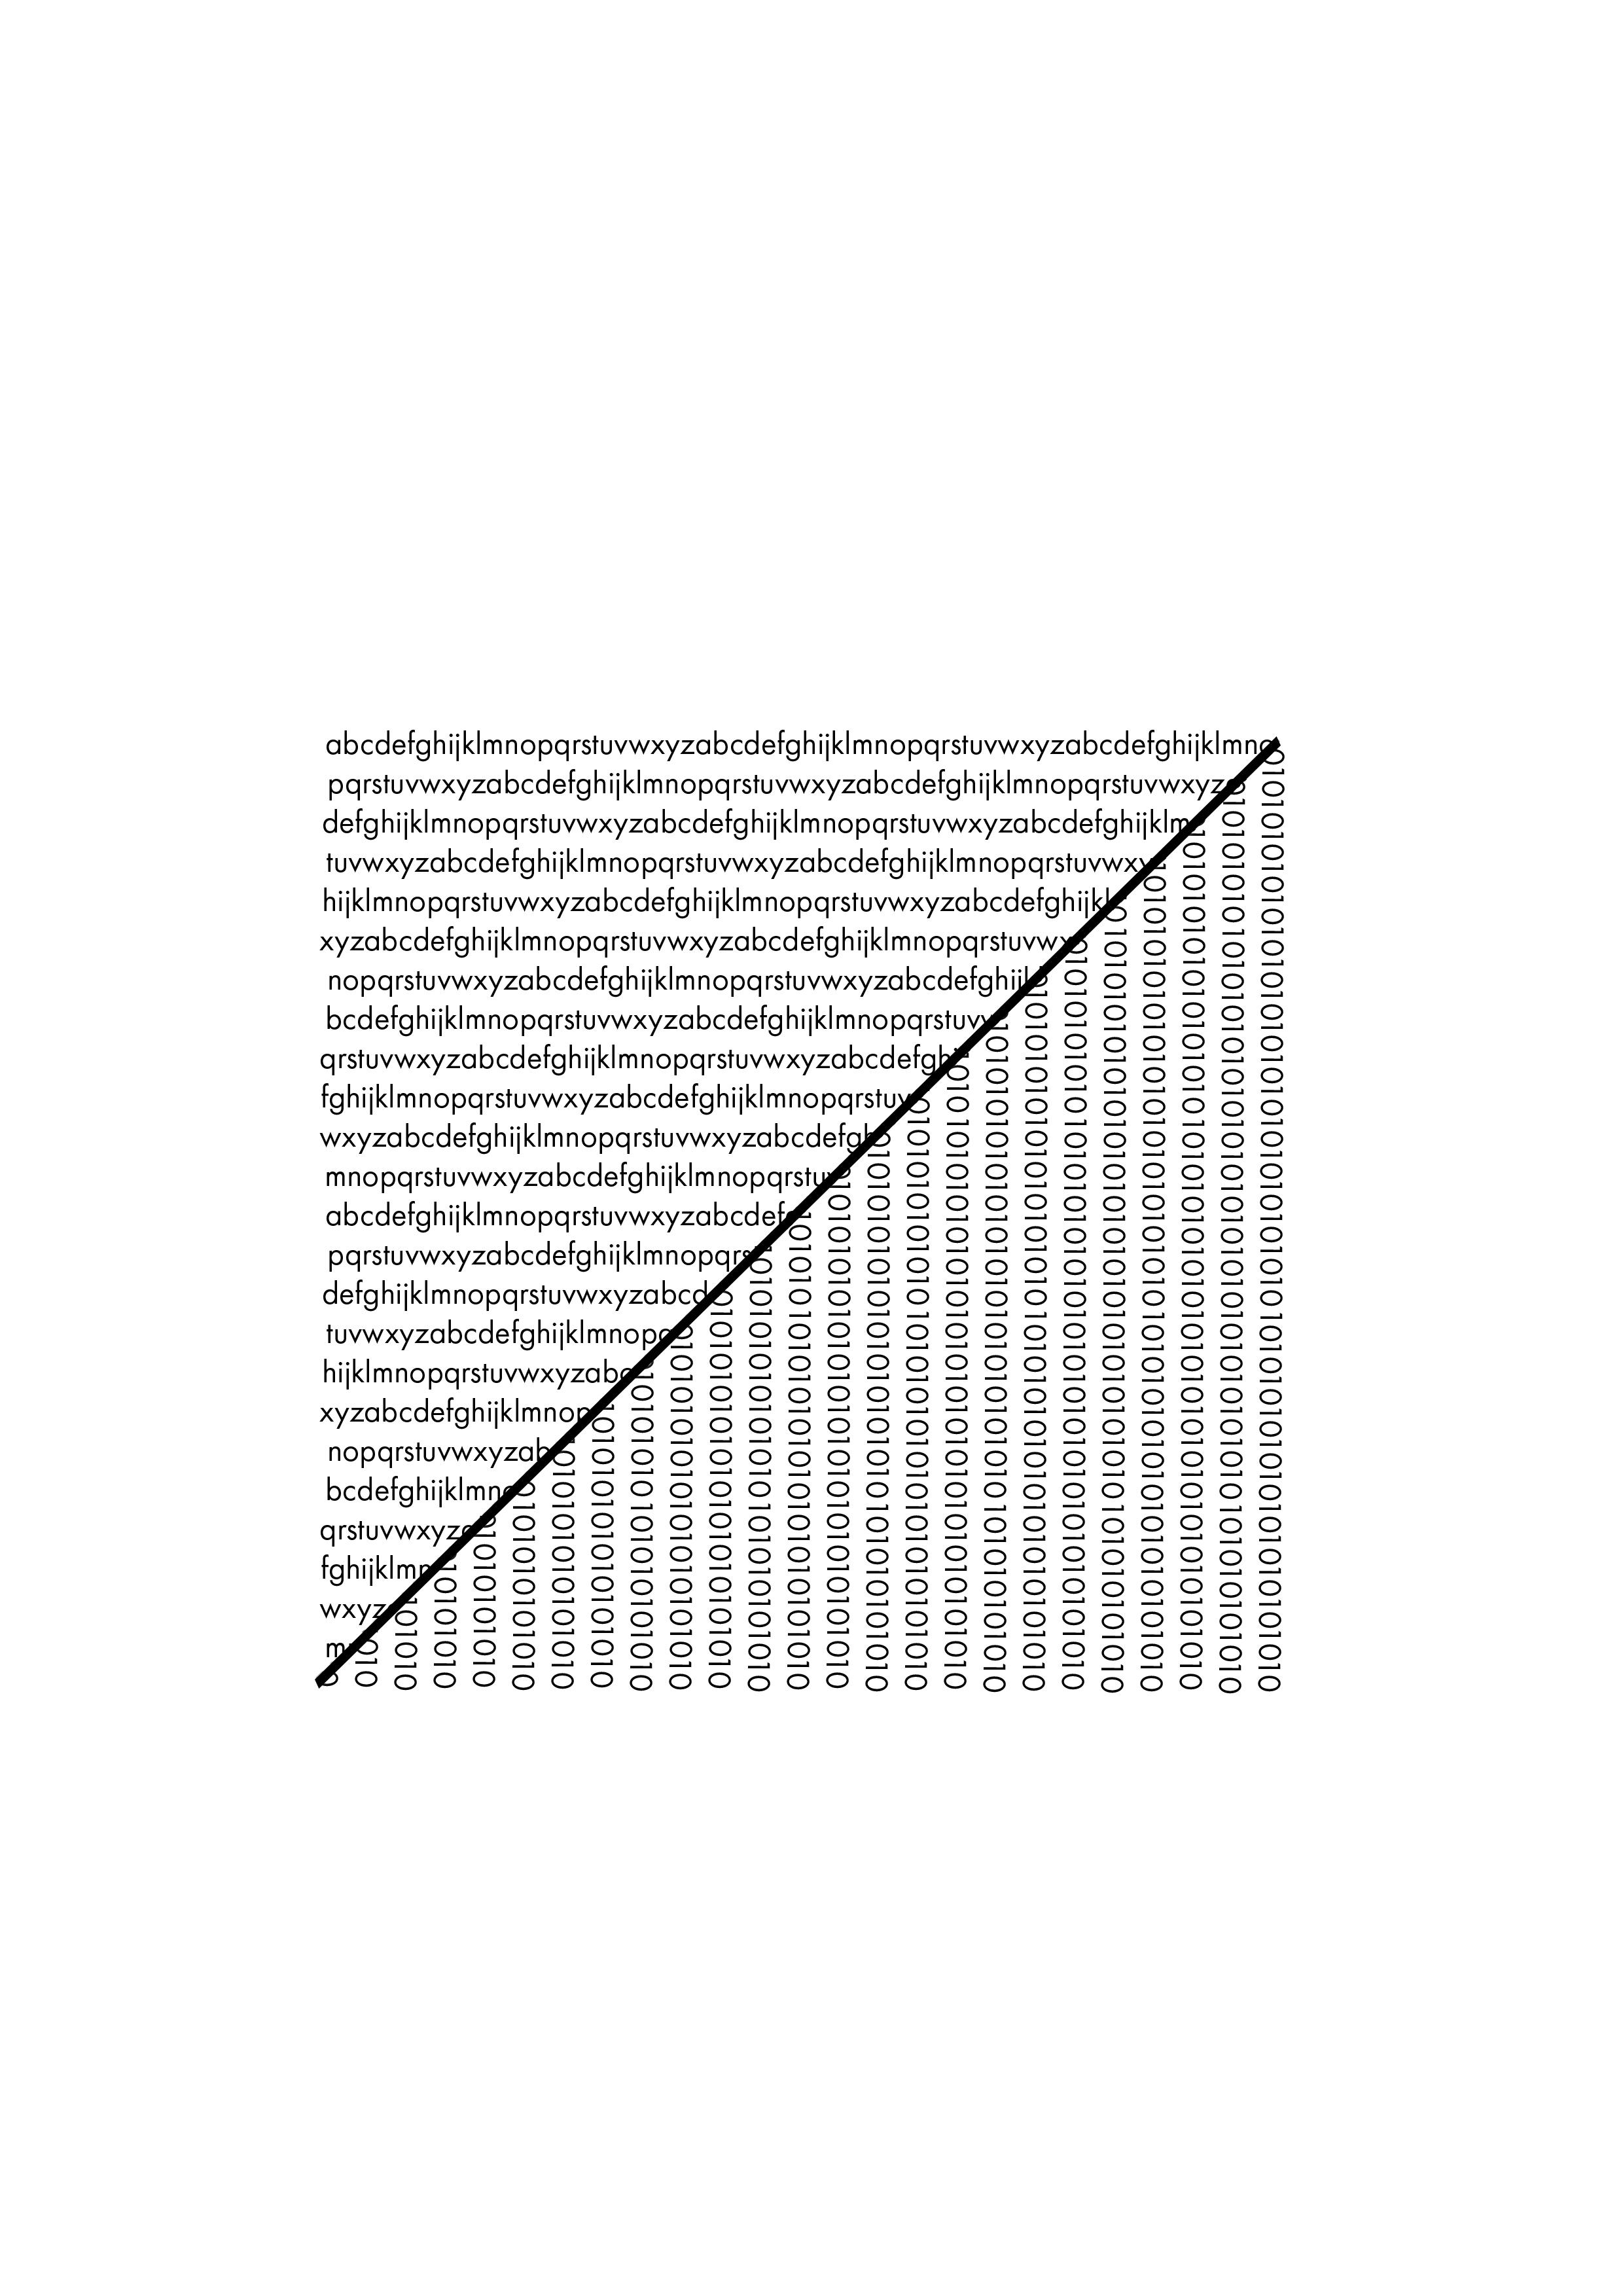 A-Z = 01